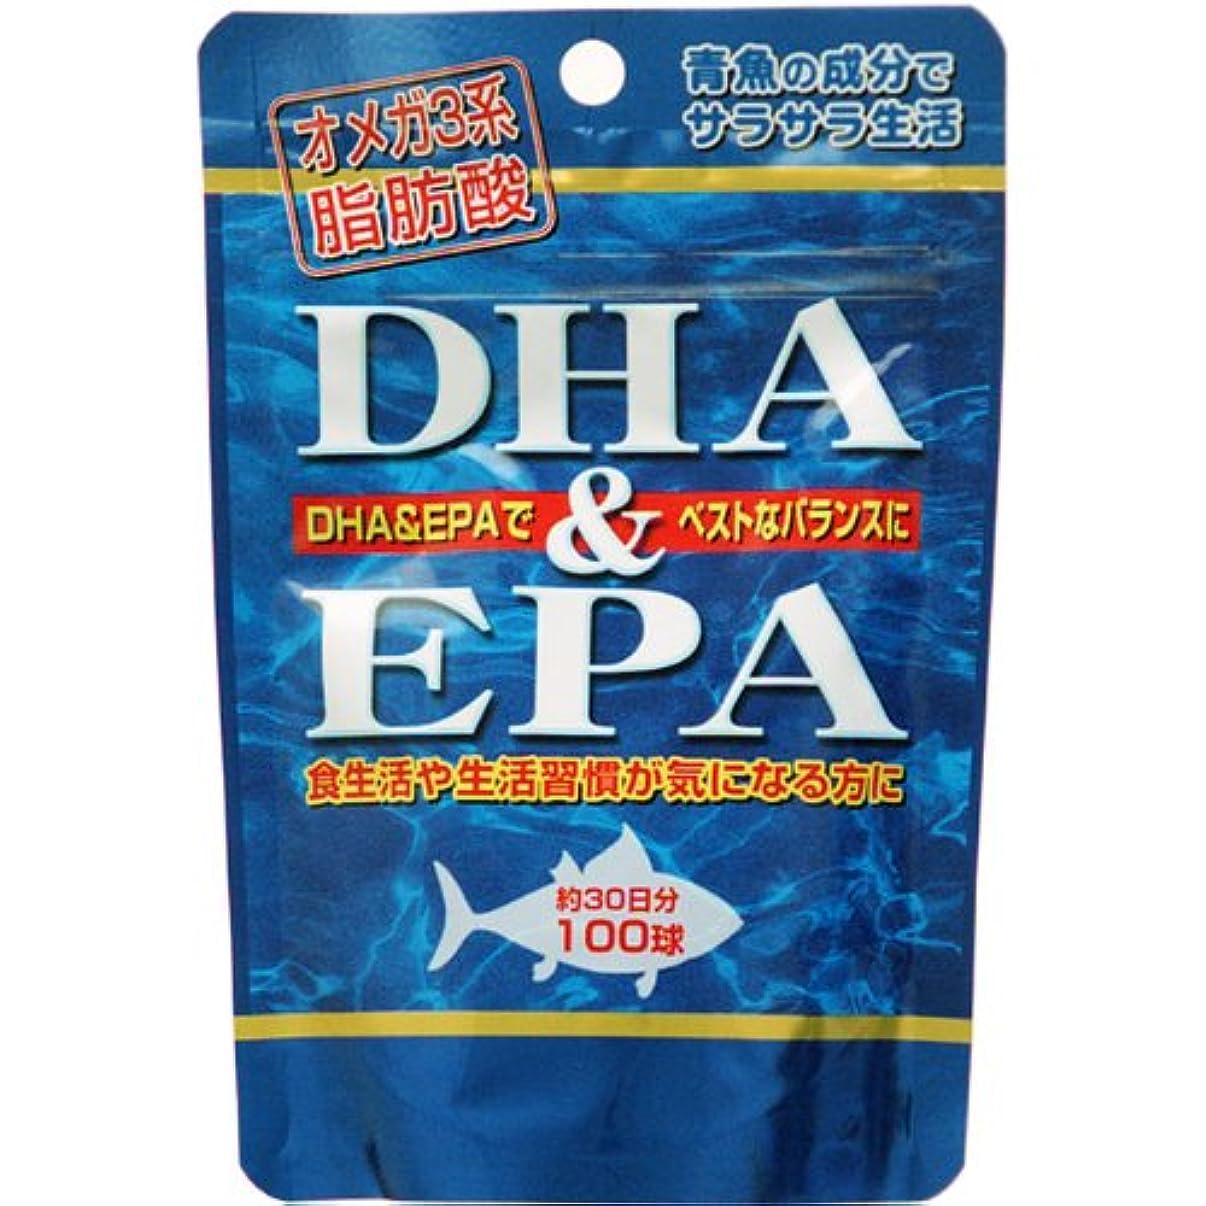 メカニックガウン責DHA(ドコサヘキサエン酸)&EPA(エイコサペンタエン酸)×2